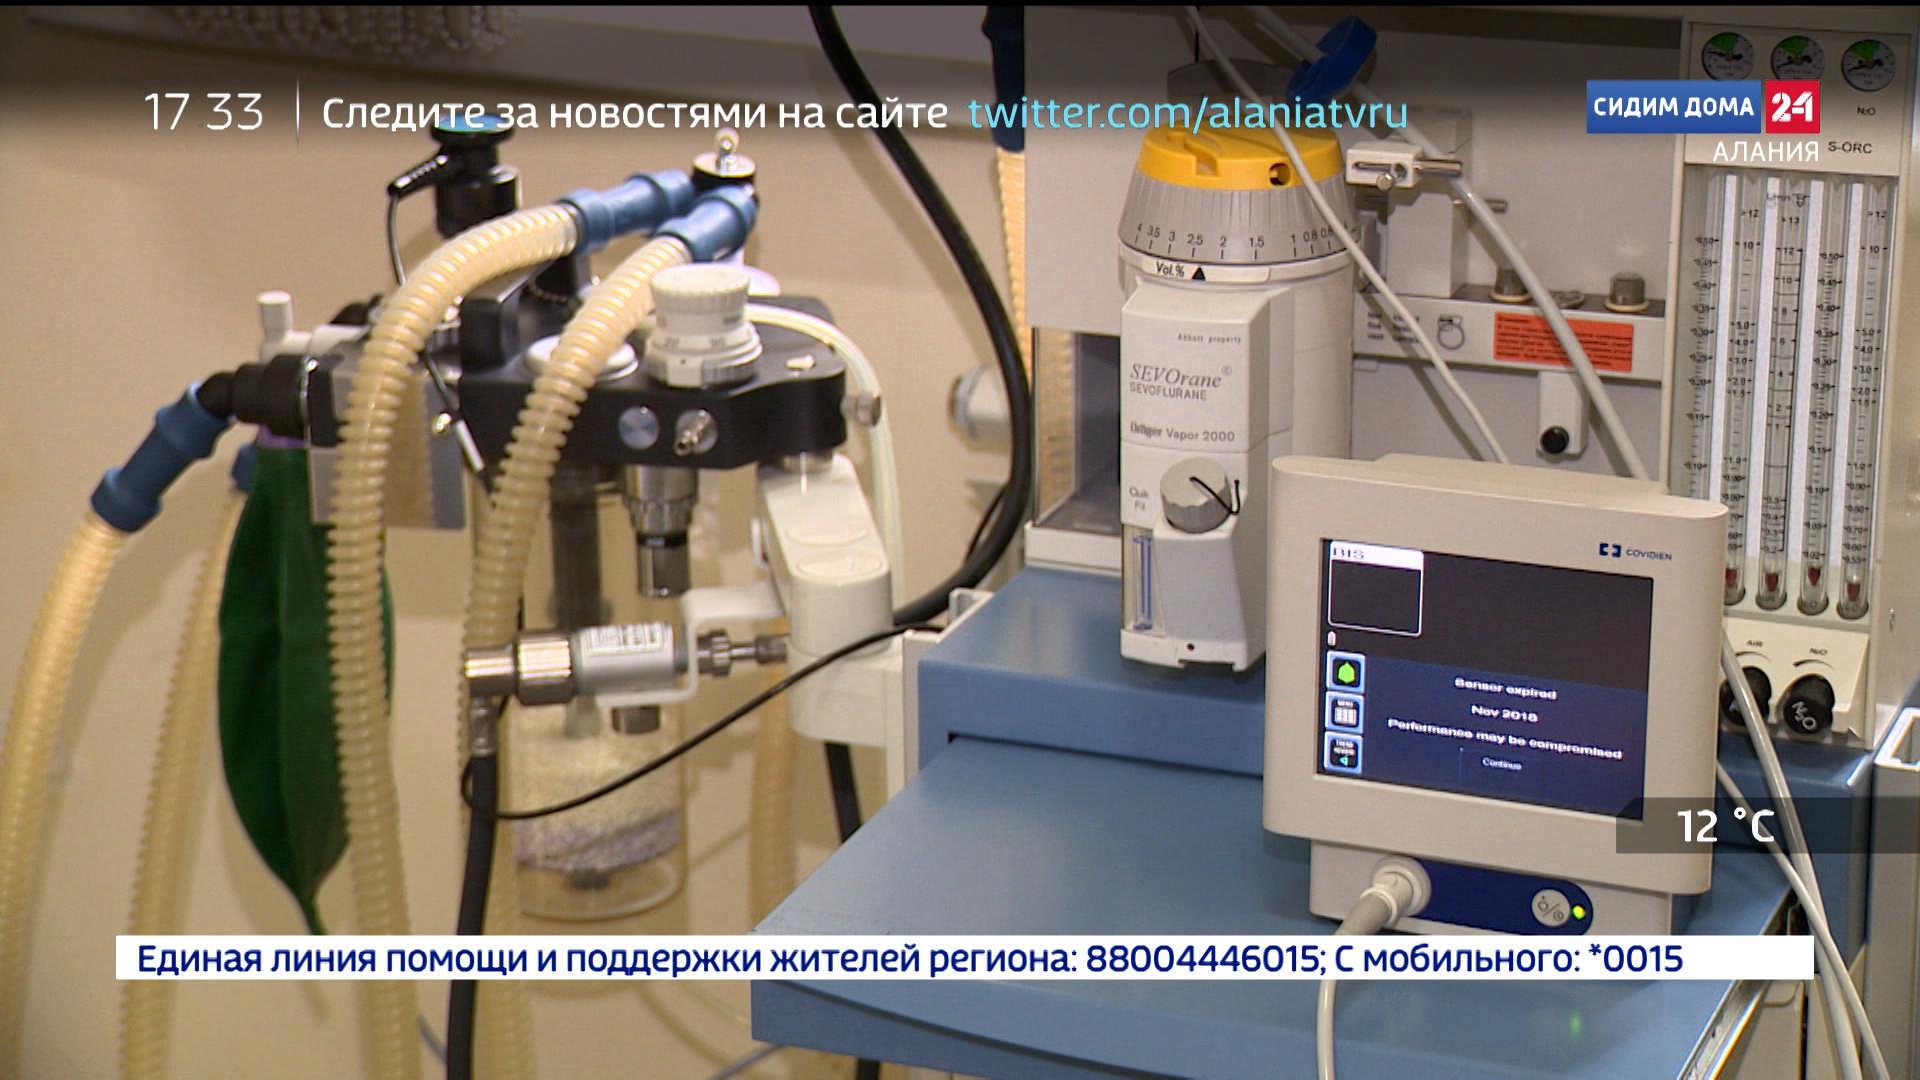 Россия 24. В клинической больнице СОГМА устанавливают новое оборудования для диагностики и лечения пациентов с COVID-19